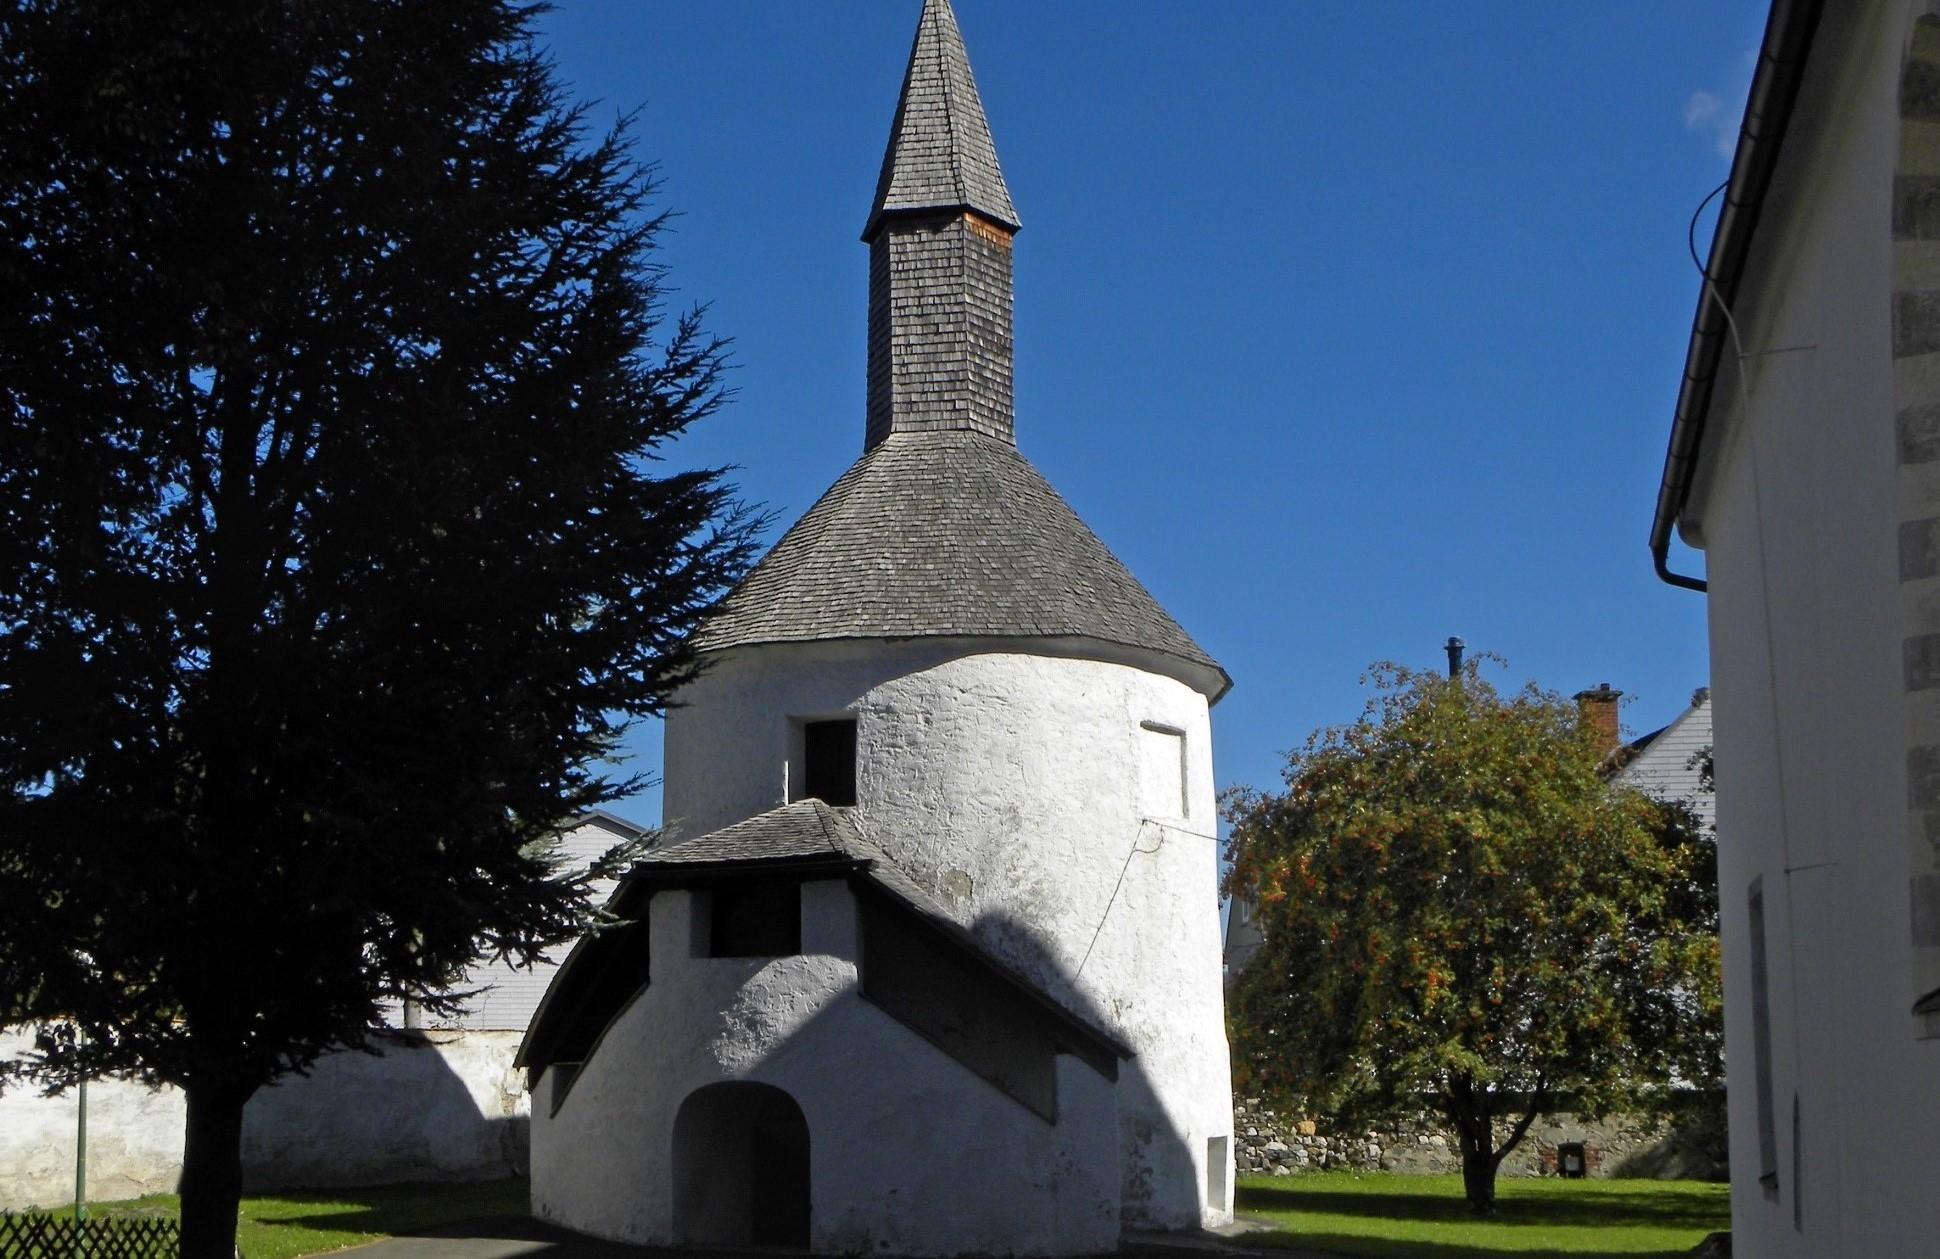 Pöls_-_Karner_bei_der_Pfarrkirche_Mariä_Himmelfahrt[1]